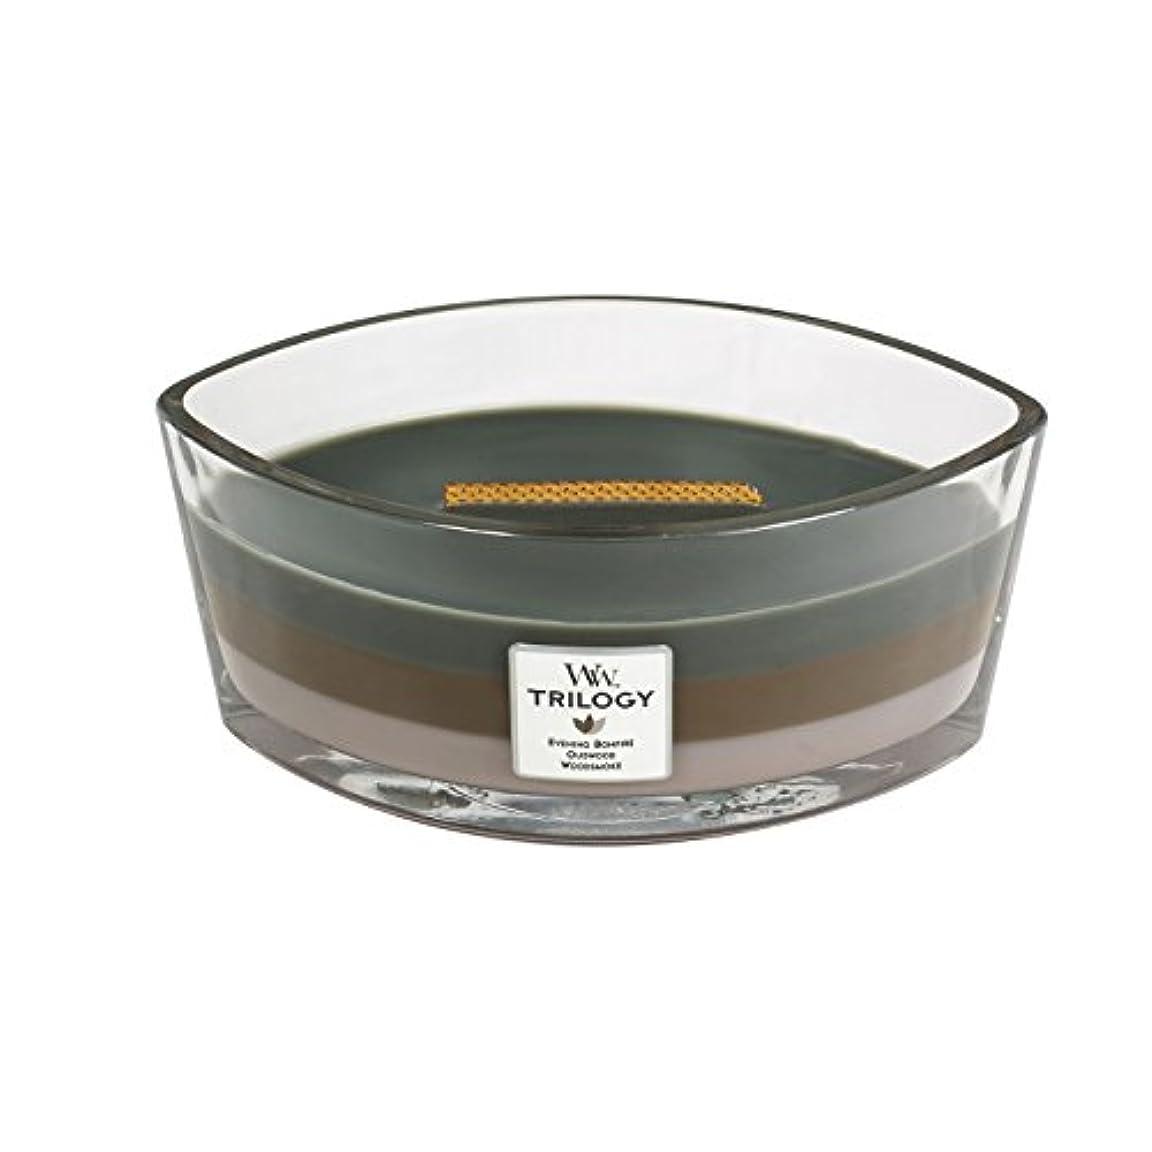 臨検ラインタワーWoodWick Trilogy cosy CABIN, 3-in-1 Highly Scented Candle, Ellipse Glass Jar with Original HearthWick Flame, Large...